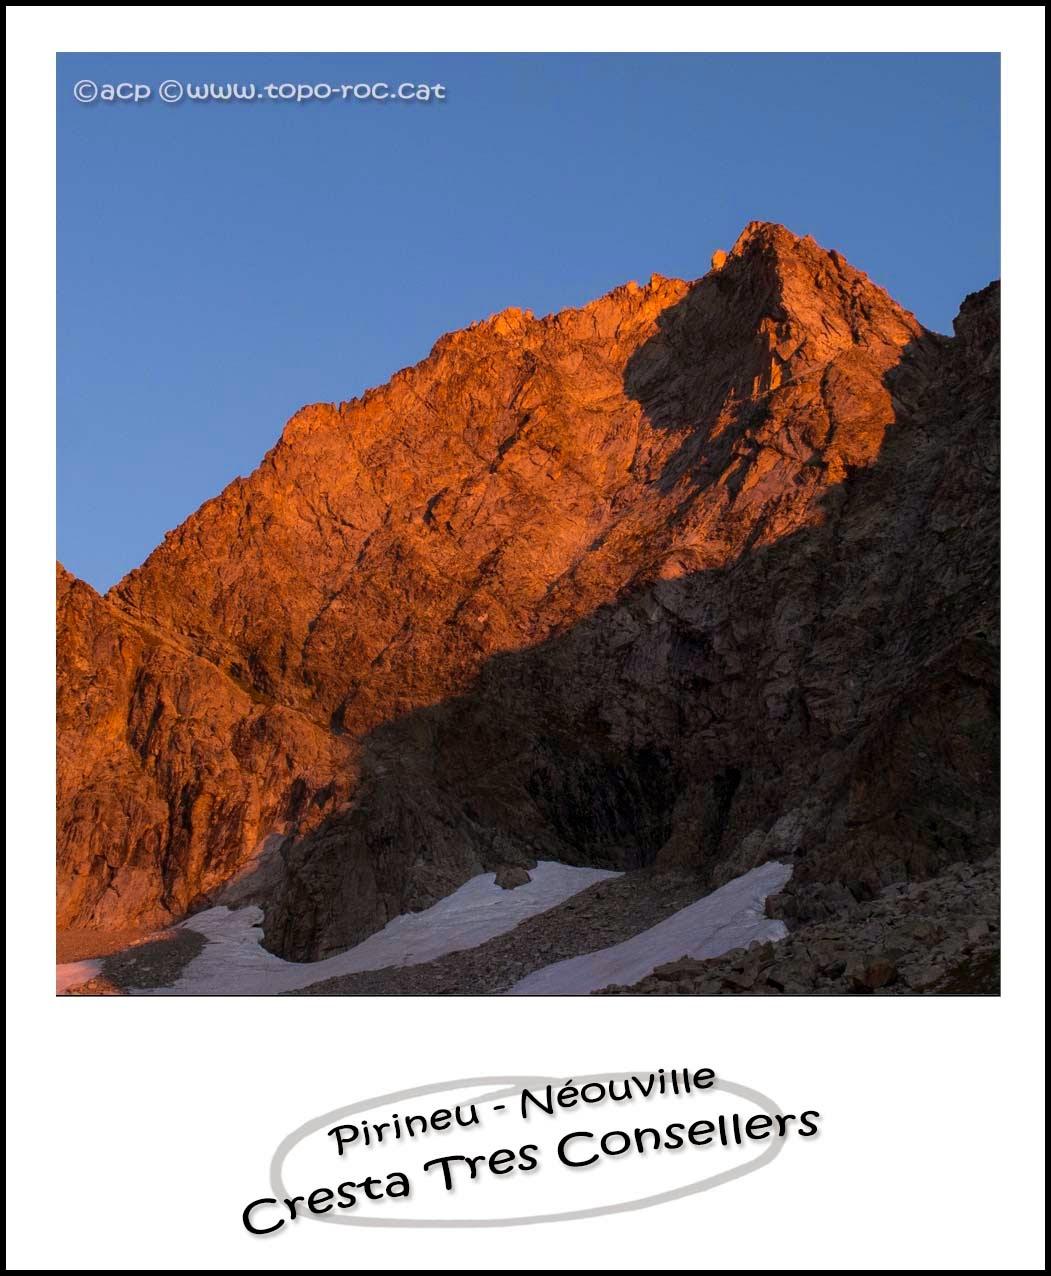 Topo-roc-Cresta tres consellers-Neouville